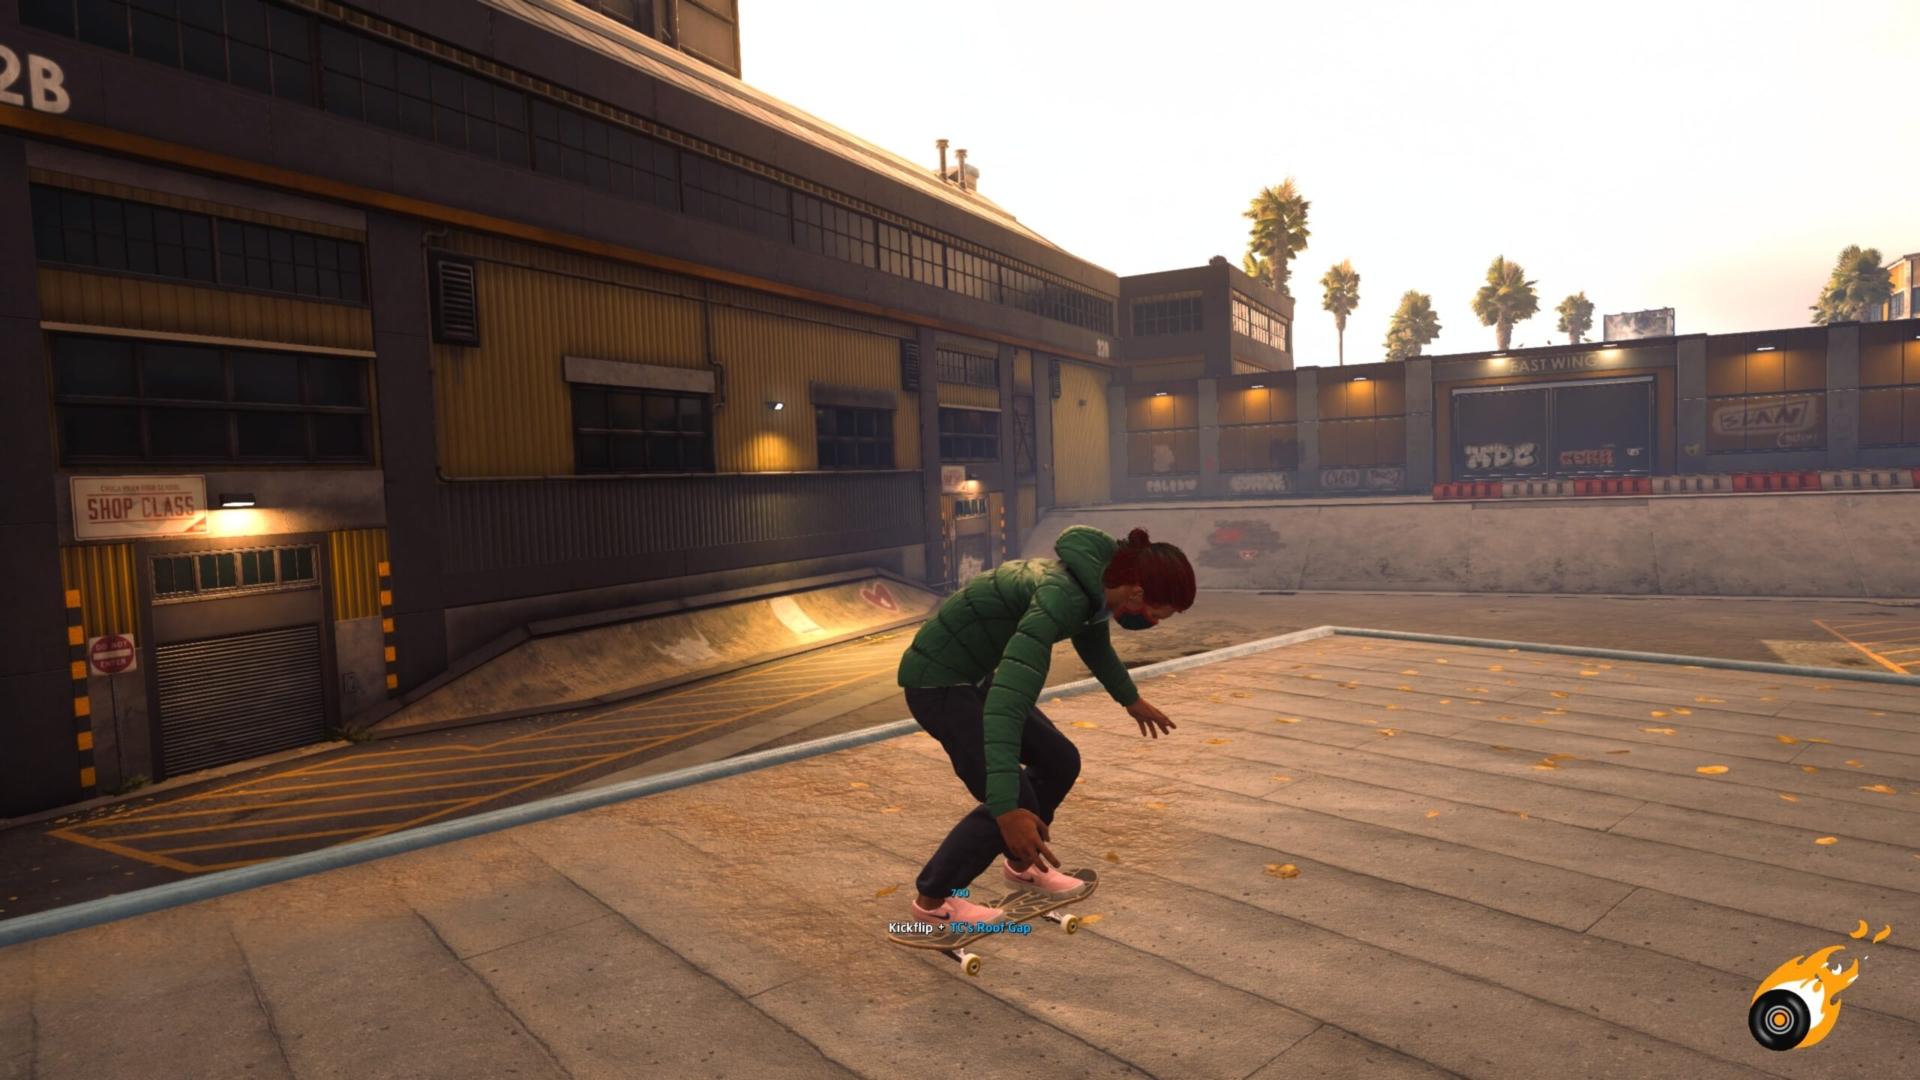 Tony Hawk's™ Pro Skater™ 1 + 2_20200930175139